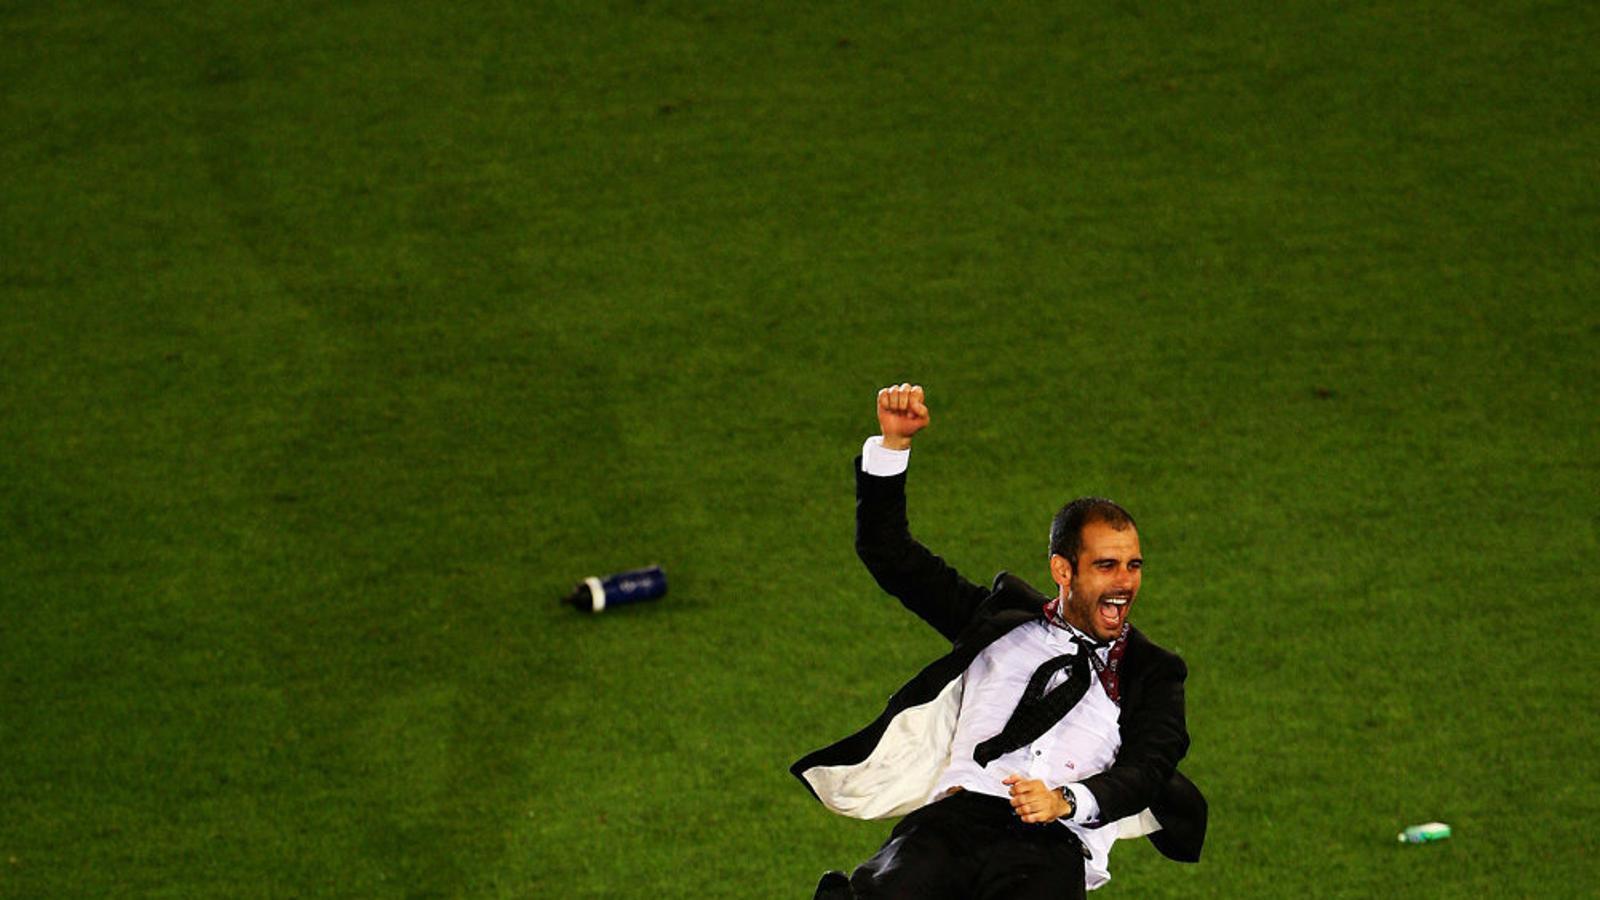 Pep Guardiola, mantejat pels seus jugados després de guanyar la final de la Champions a l'Olímpic de Roma.